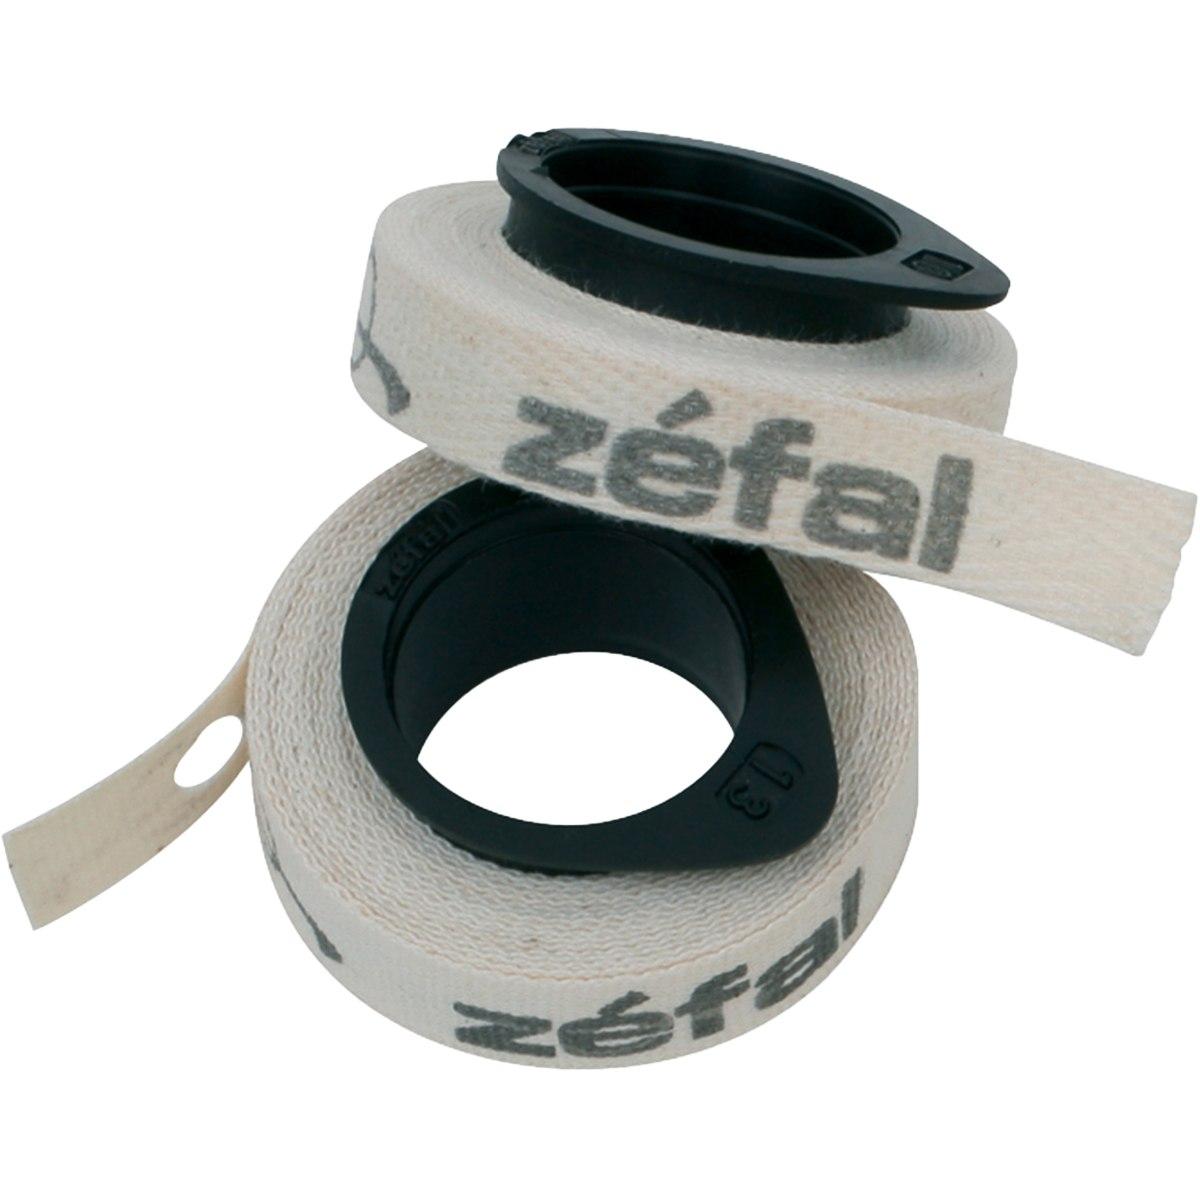 Zéfal Cotton Tapes Pannenschutz-Felgenband - 2 Stk.